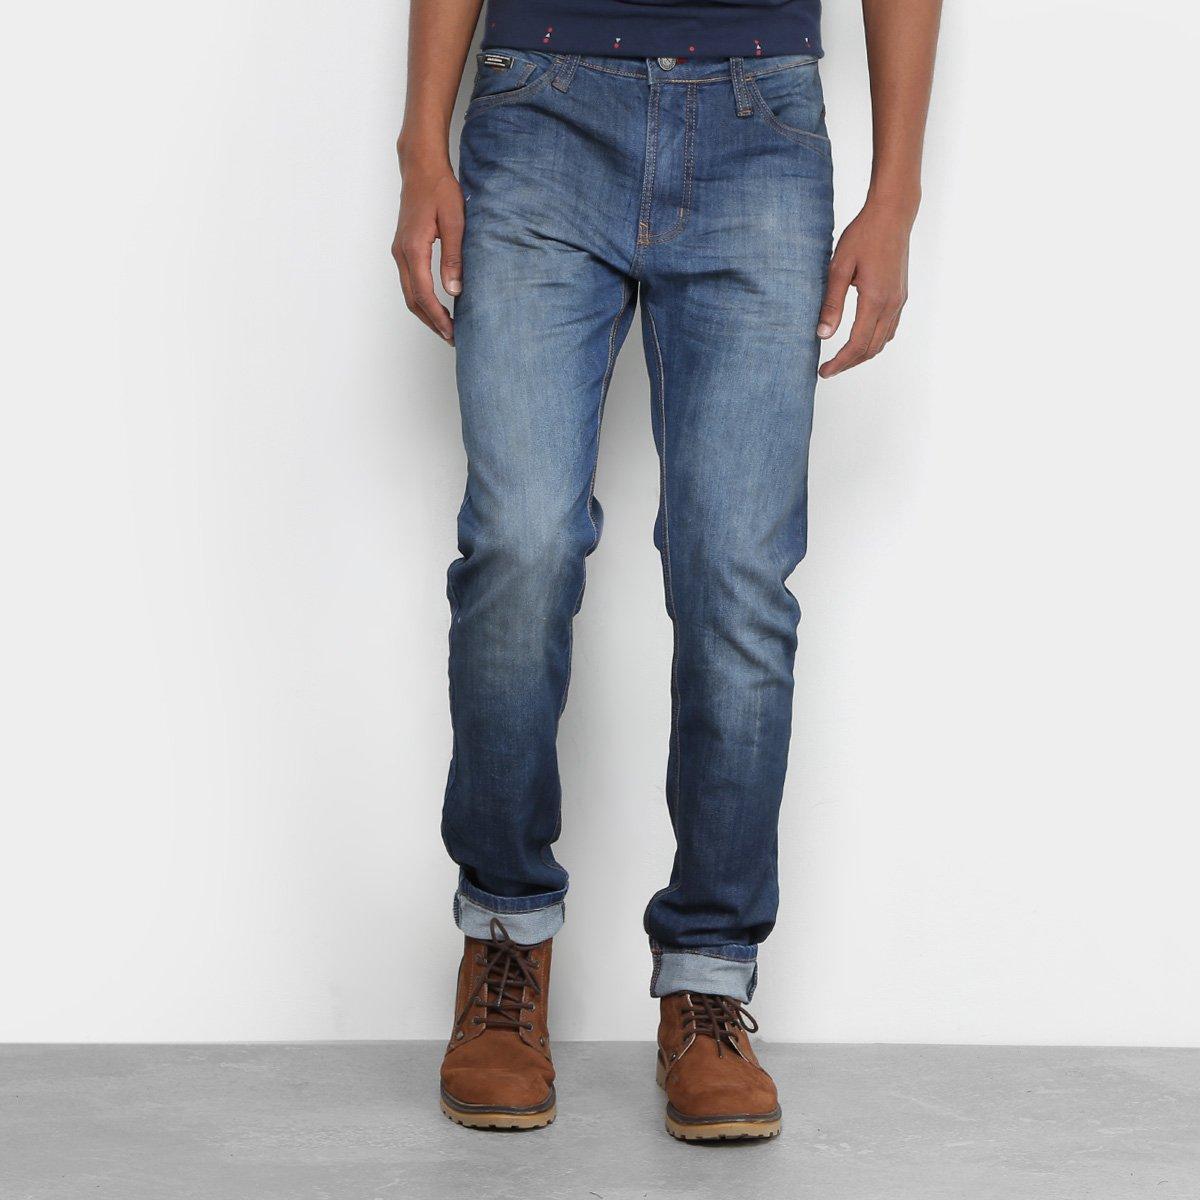 c173a75ec Calça Jeans Skinny Colcci Felipe Stone Masculina